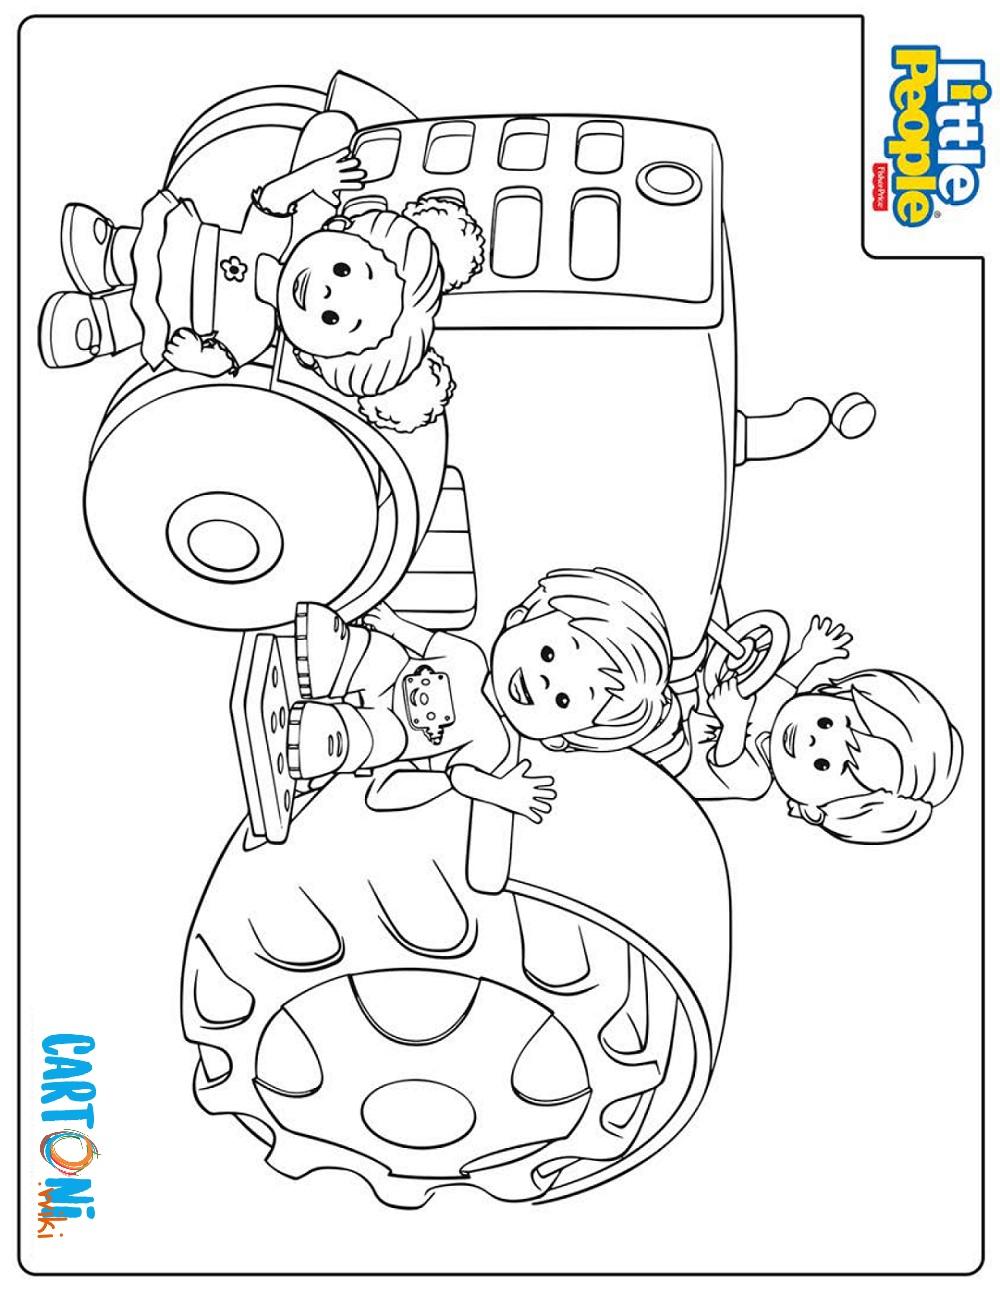 Disegno Little people da stampare e colorare - Disegni da colorare